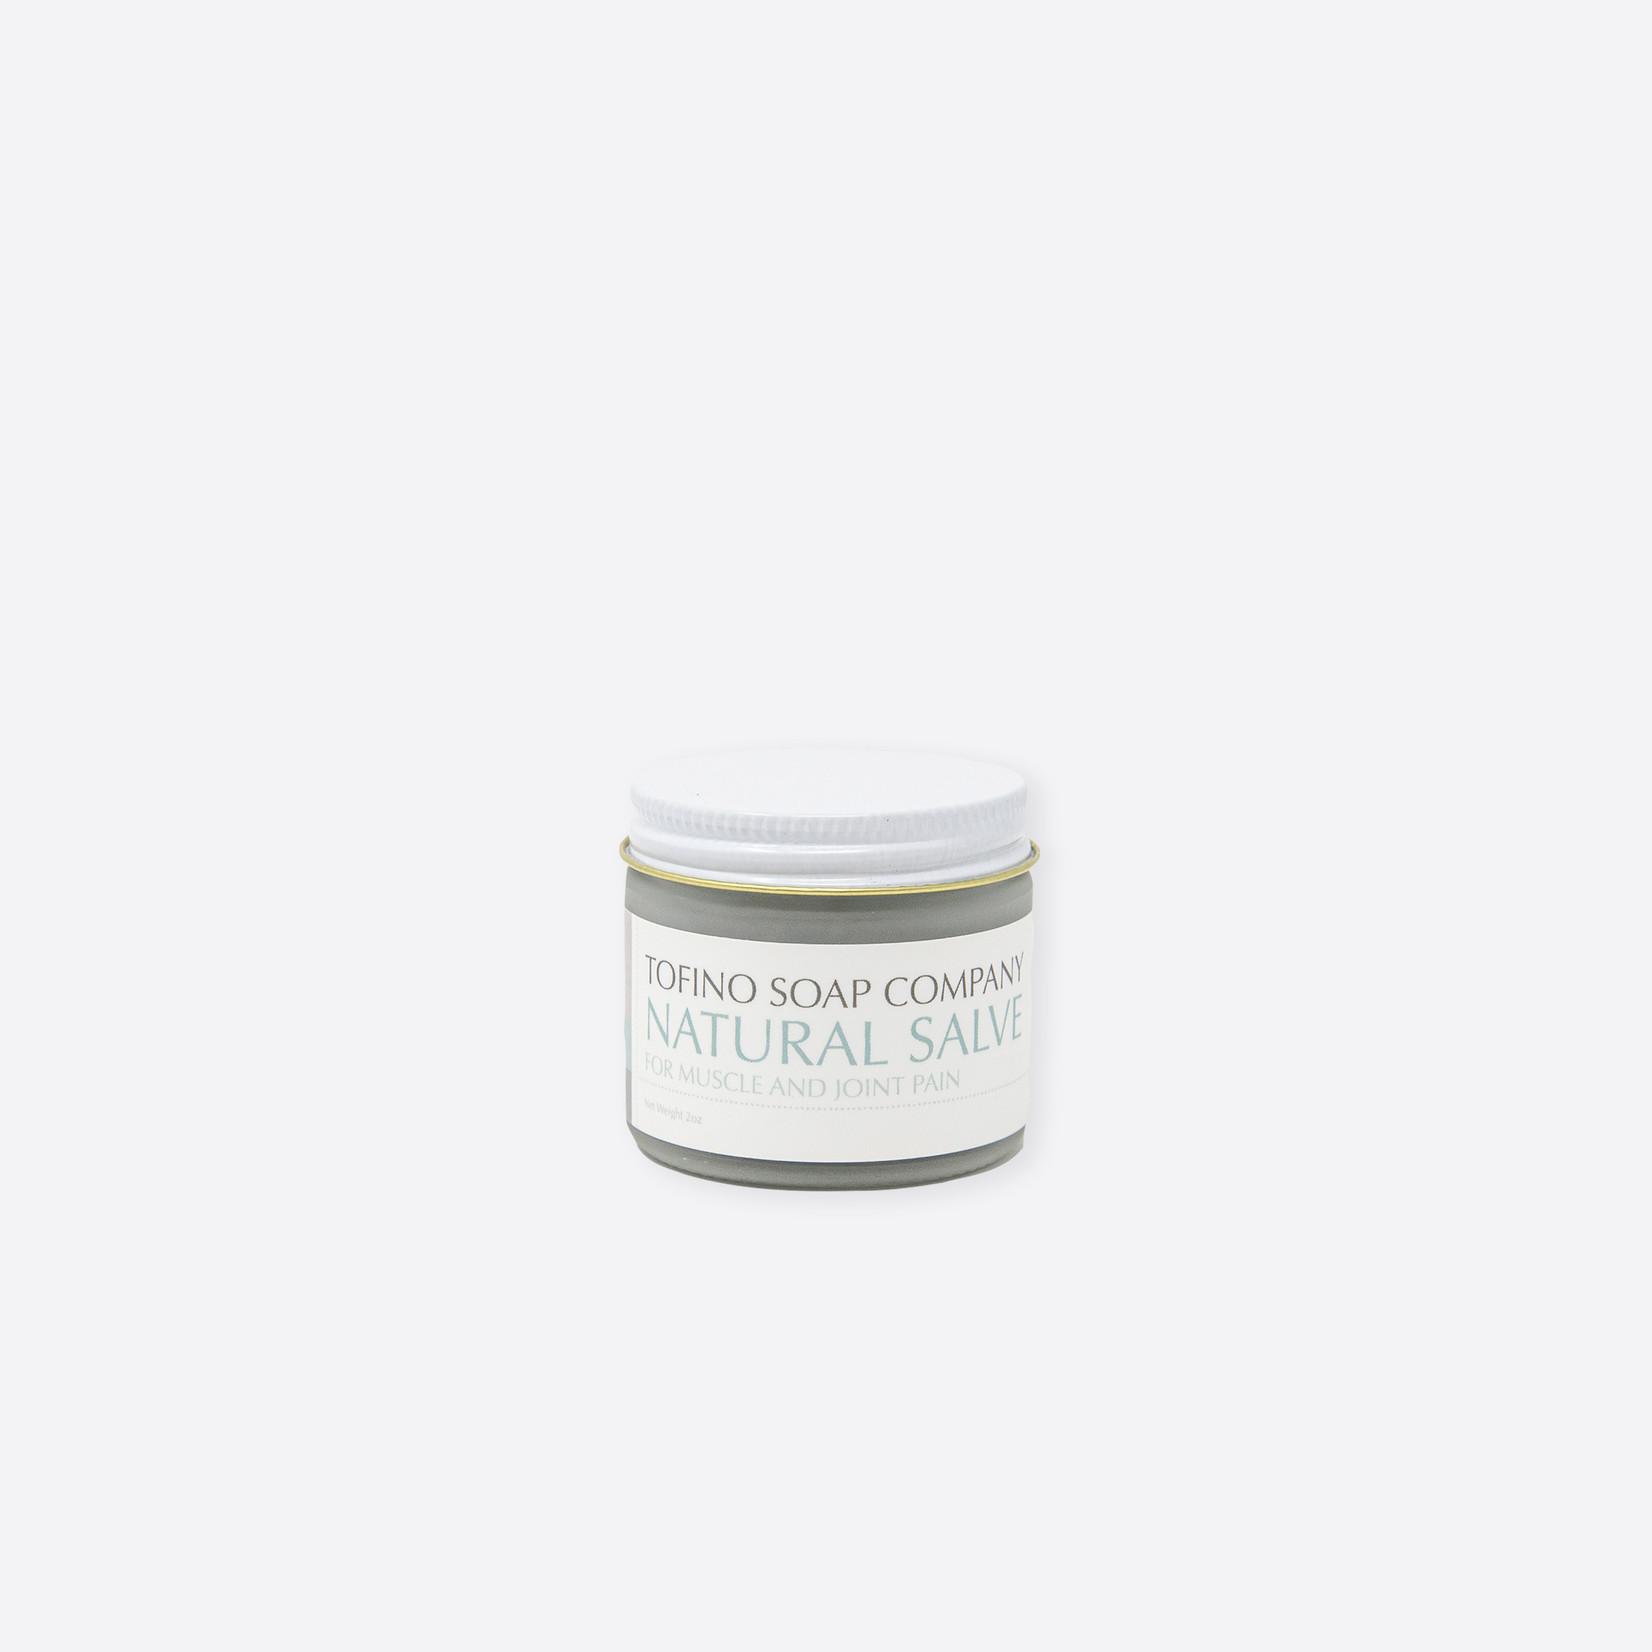 Tofino Soap Company Natural Salve